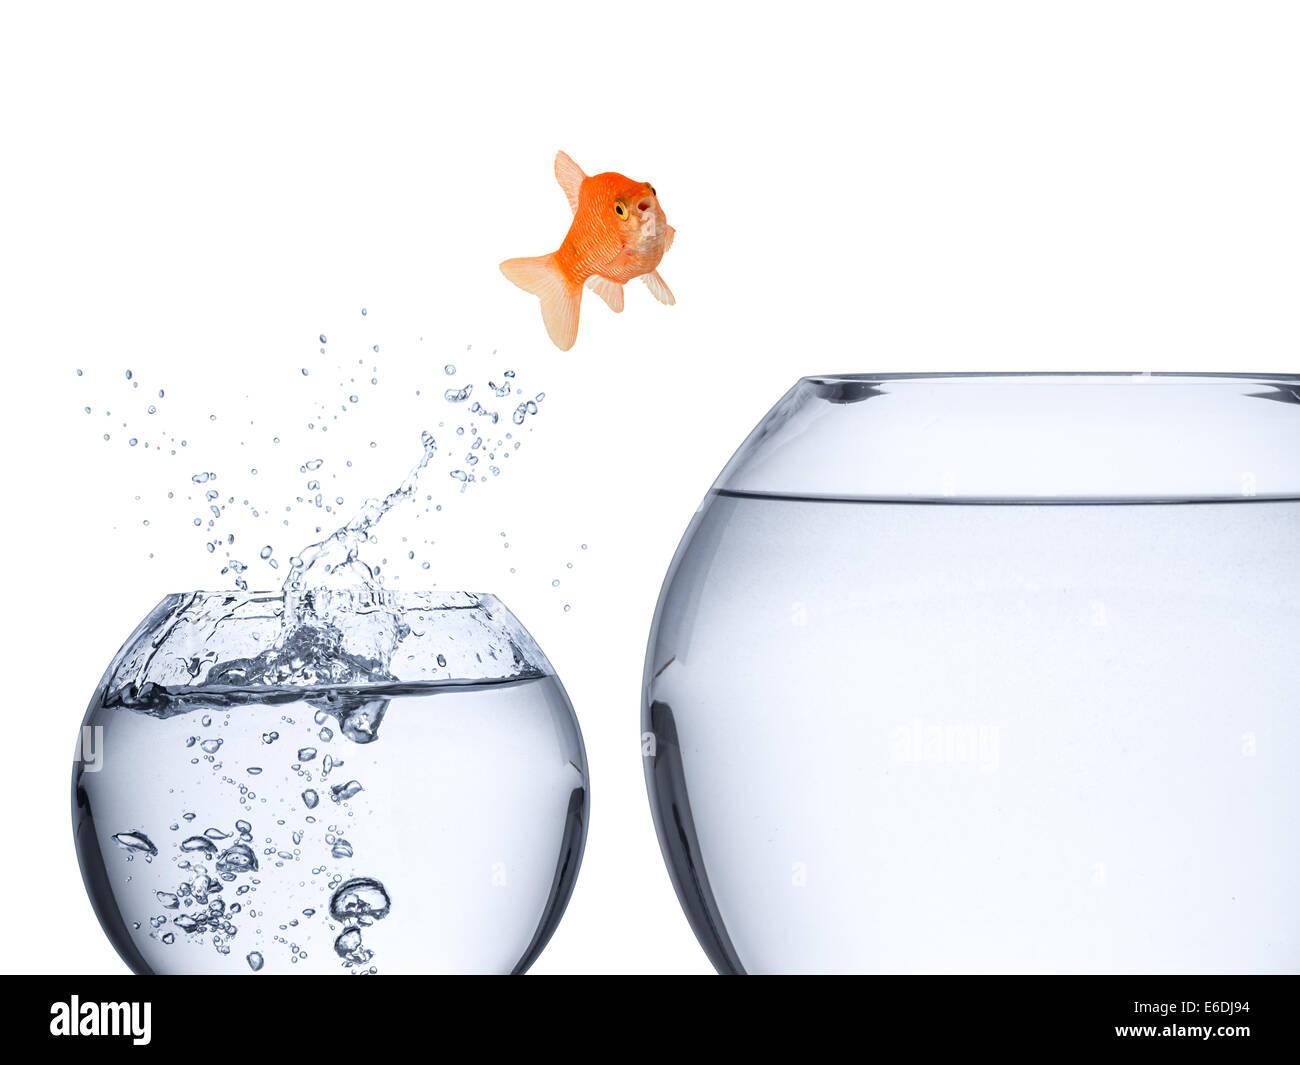 Fisch-Aufstieg-Konzept Stockbild